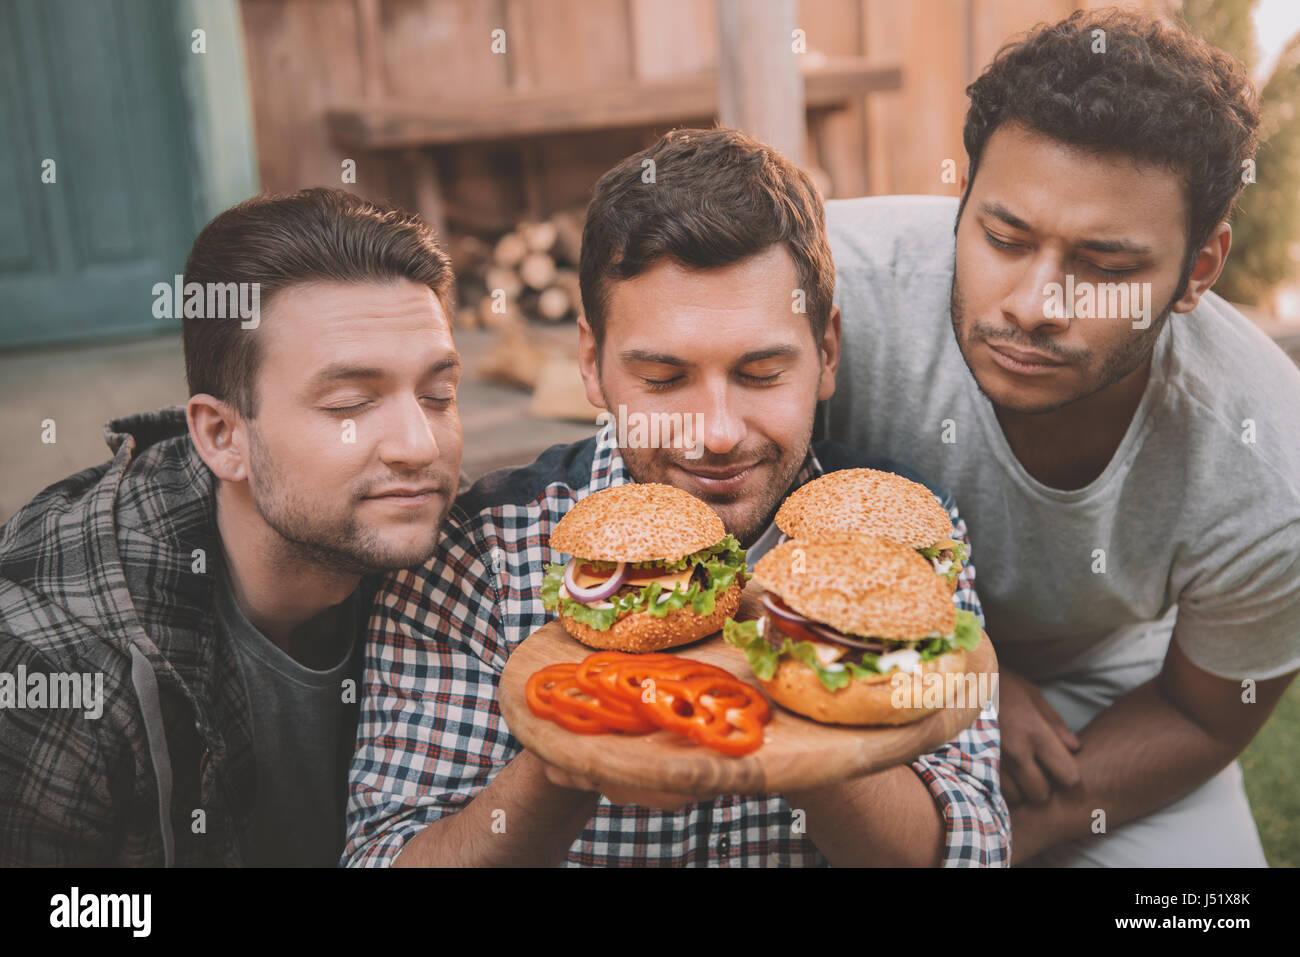 Trois jeunes hommes aux yeux clos inhalait des hamburgers Photo Stock